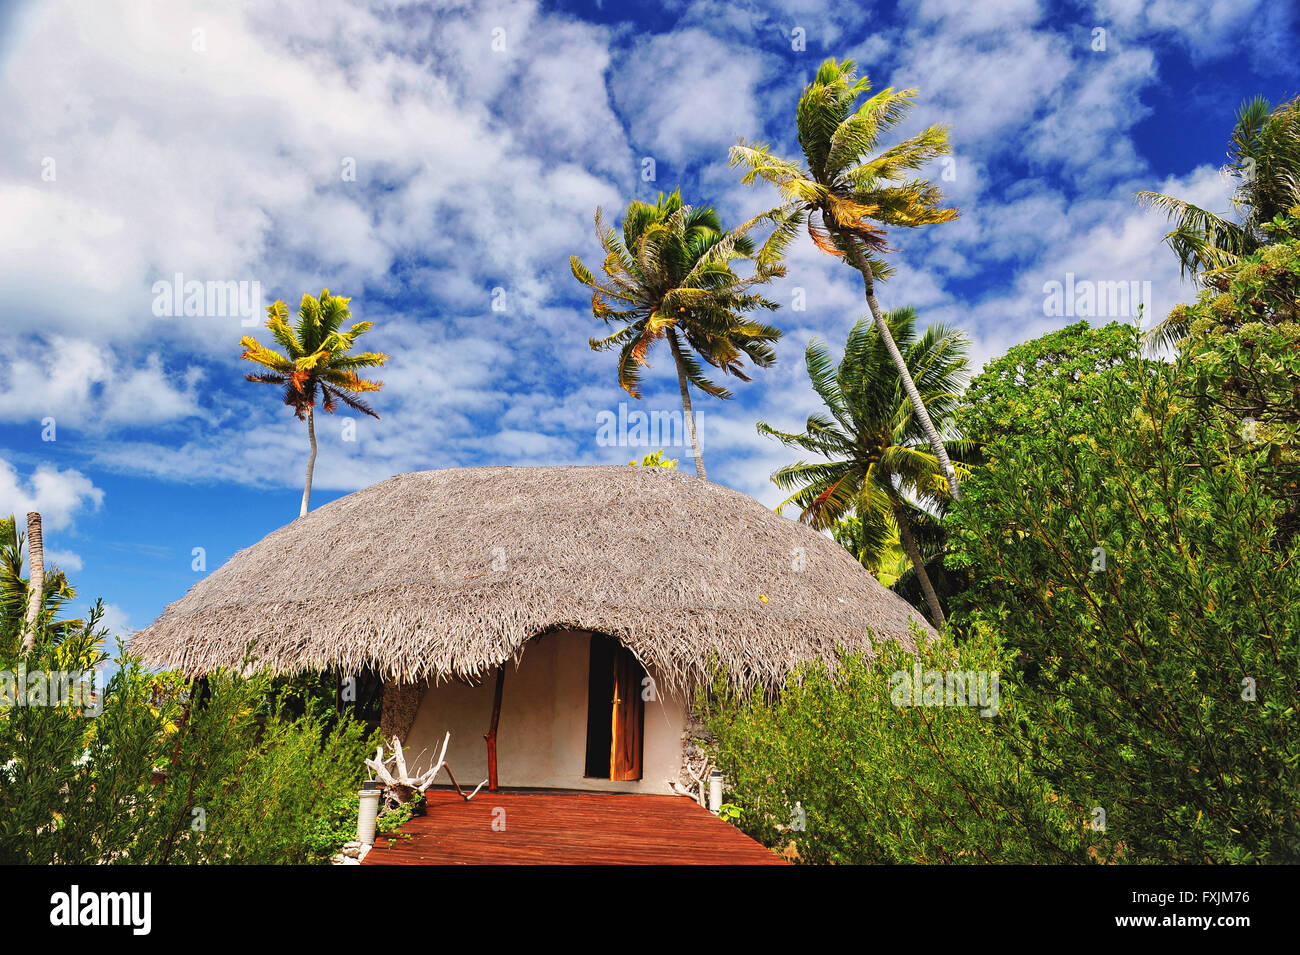 Tikehau, el atolón de las Islas Tuamotu, Polinesia. Un eco resort en medio de palmeras verdes con una bonita postal sky Foto de stock